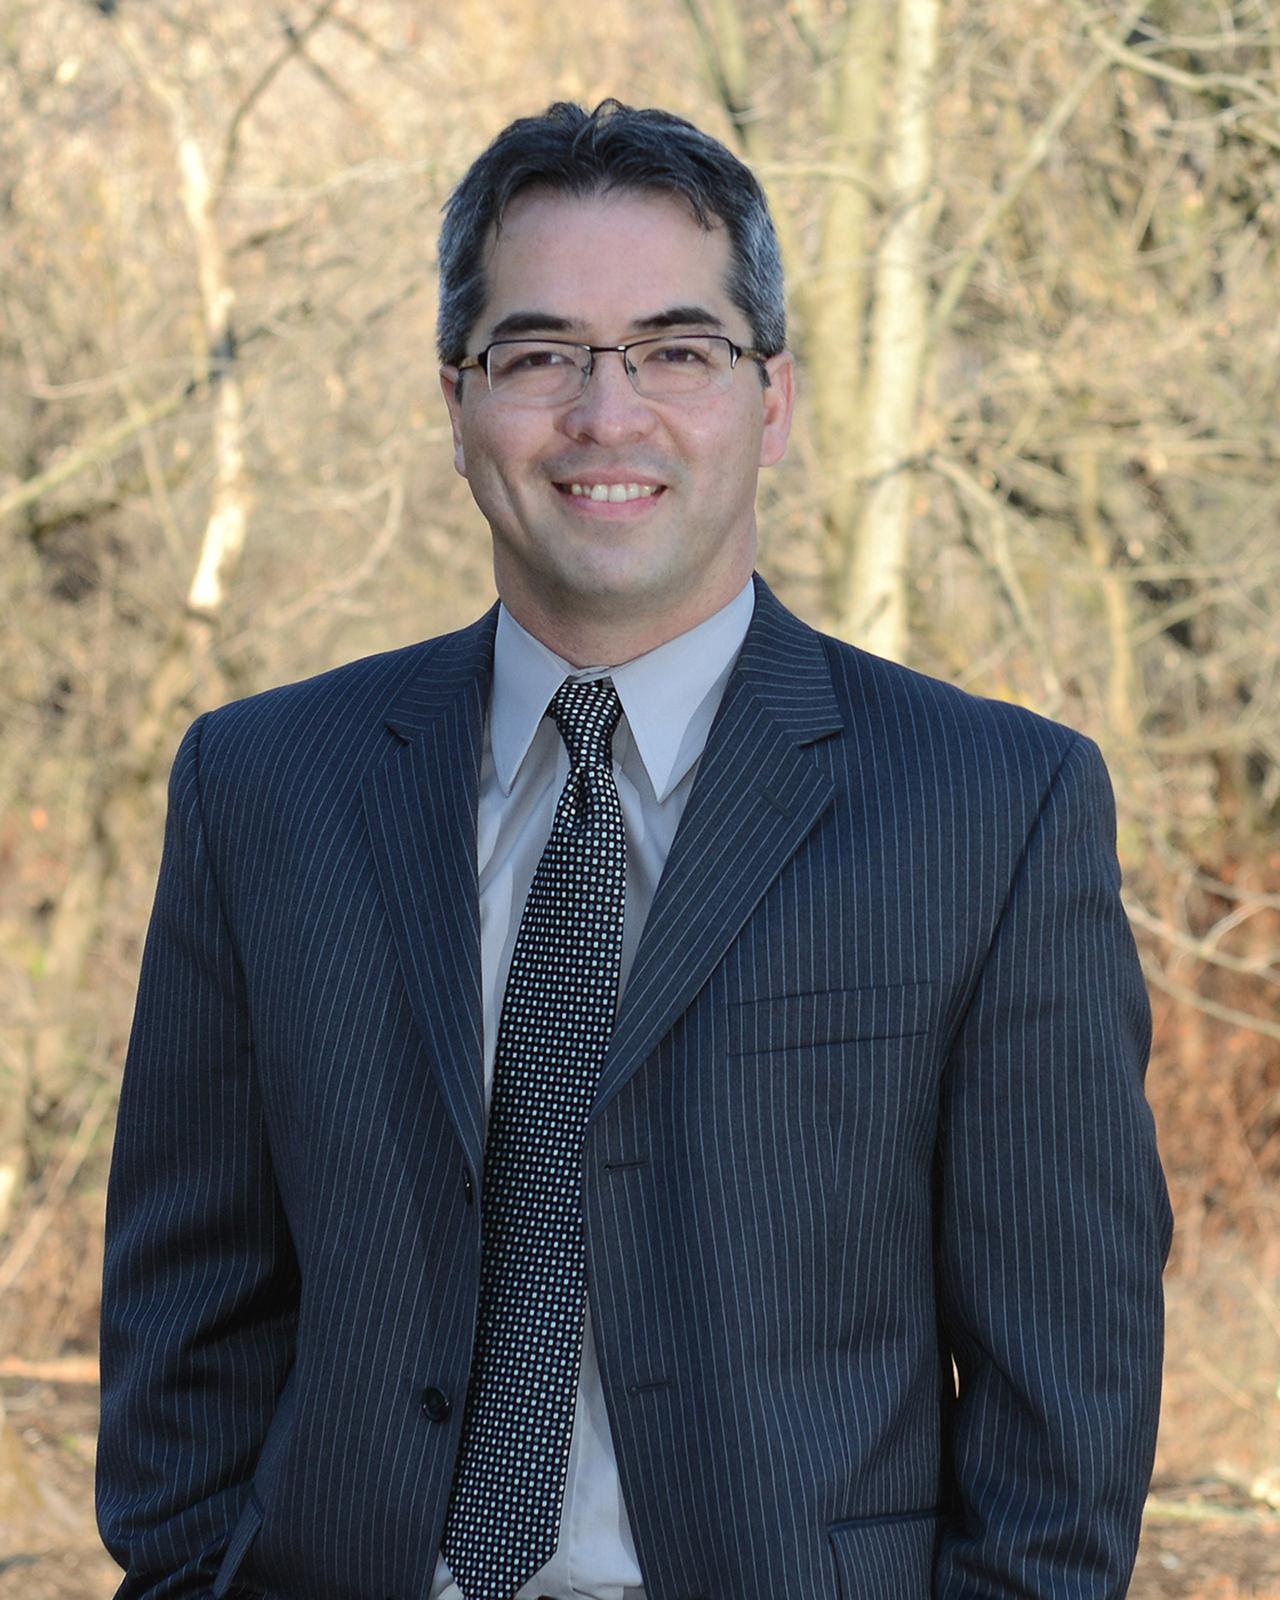 B. Eric Nogami